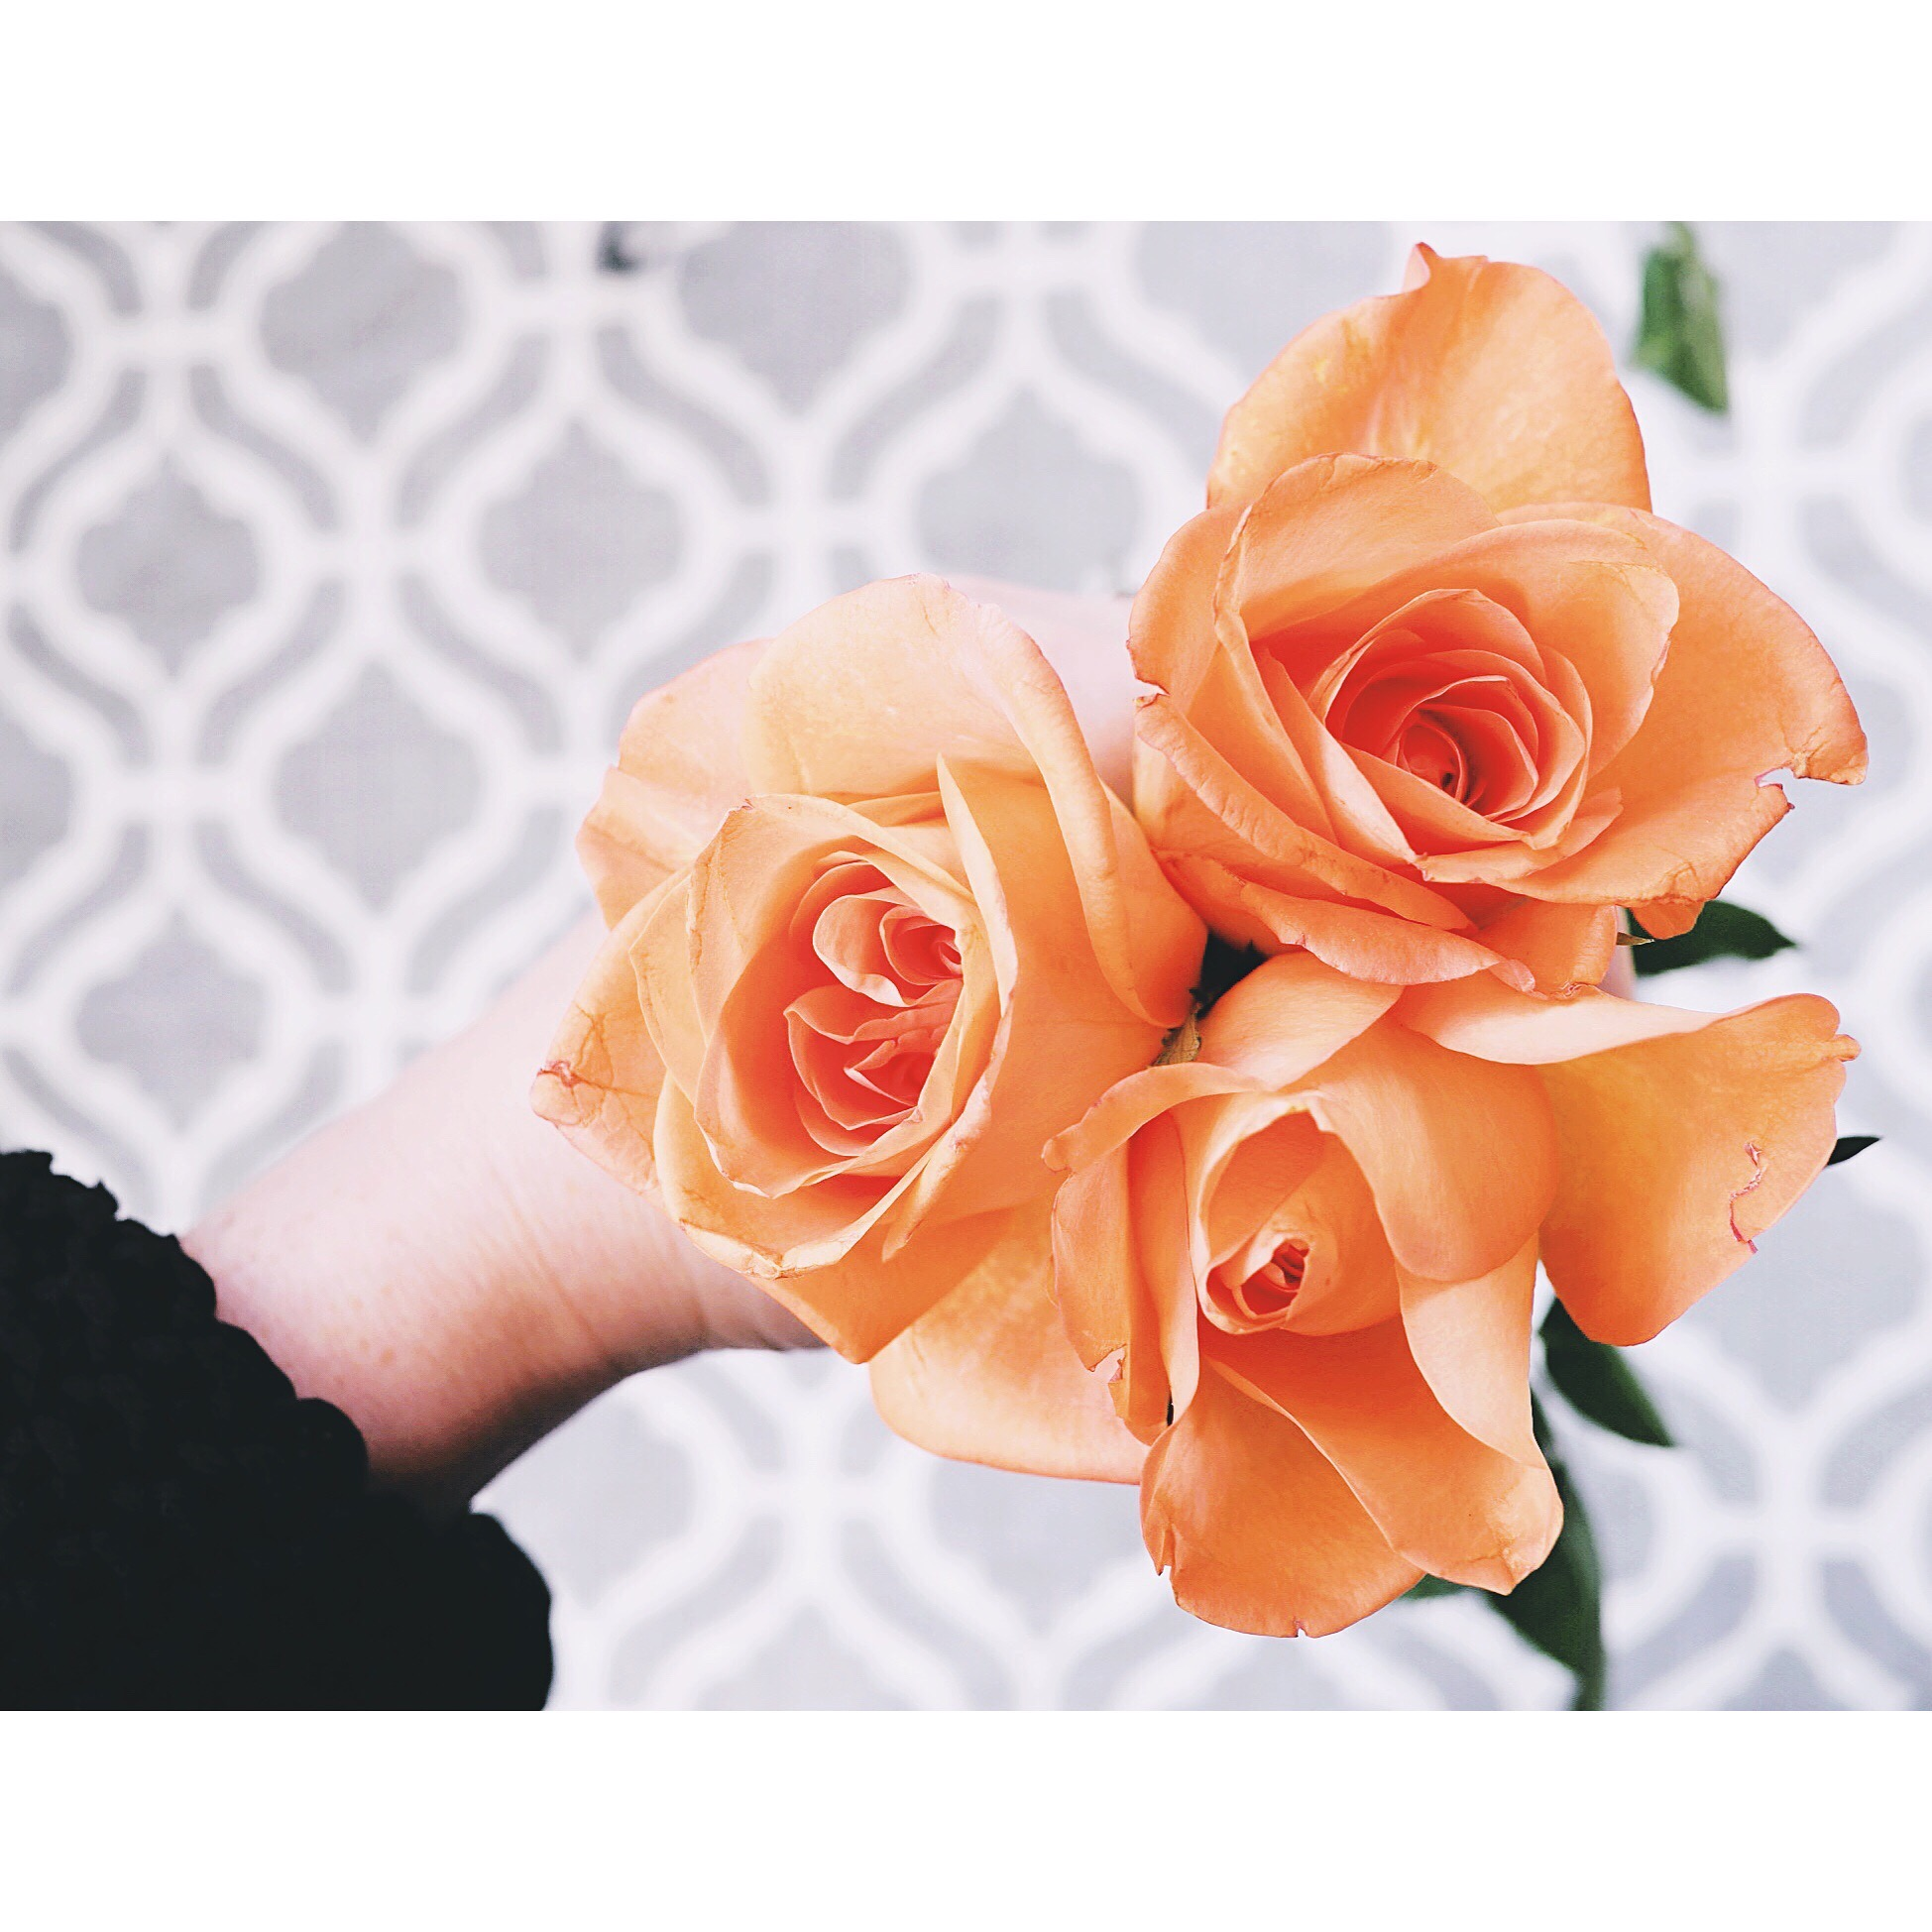 Kate Wainwright |Roses and Rug